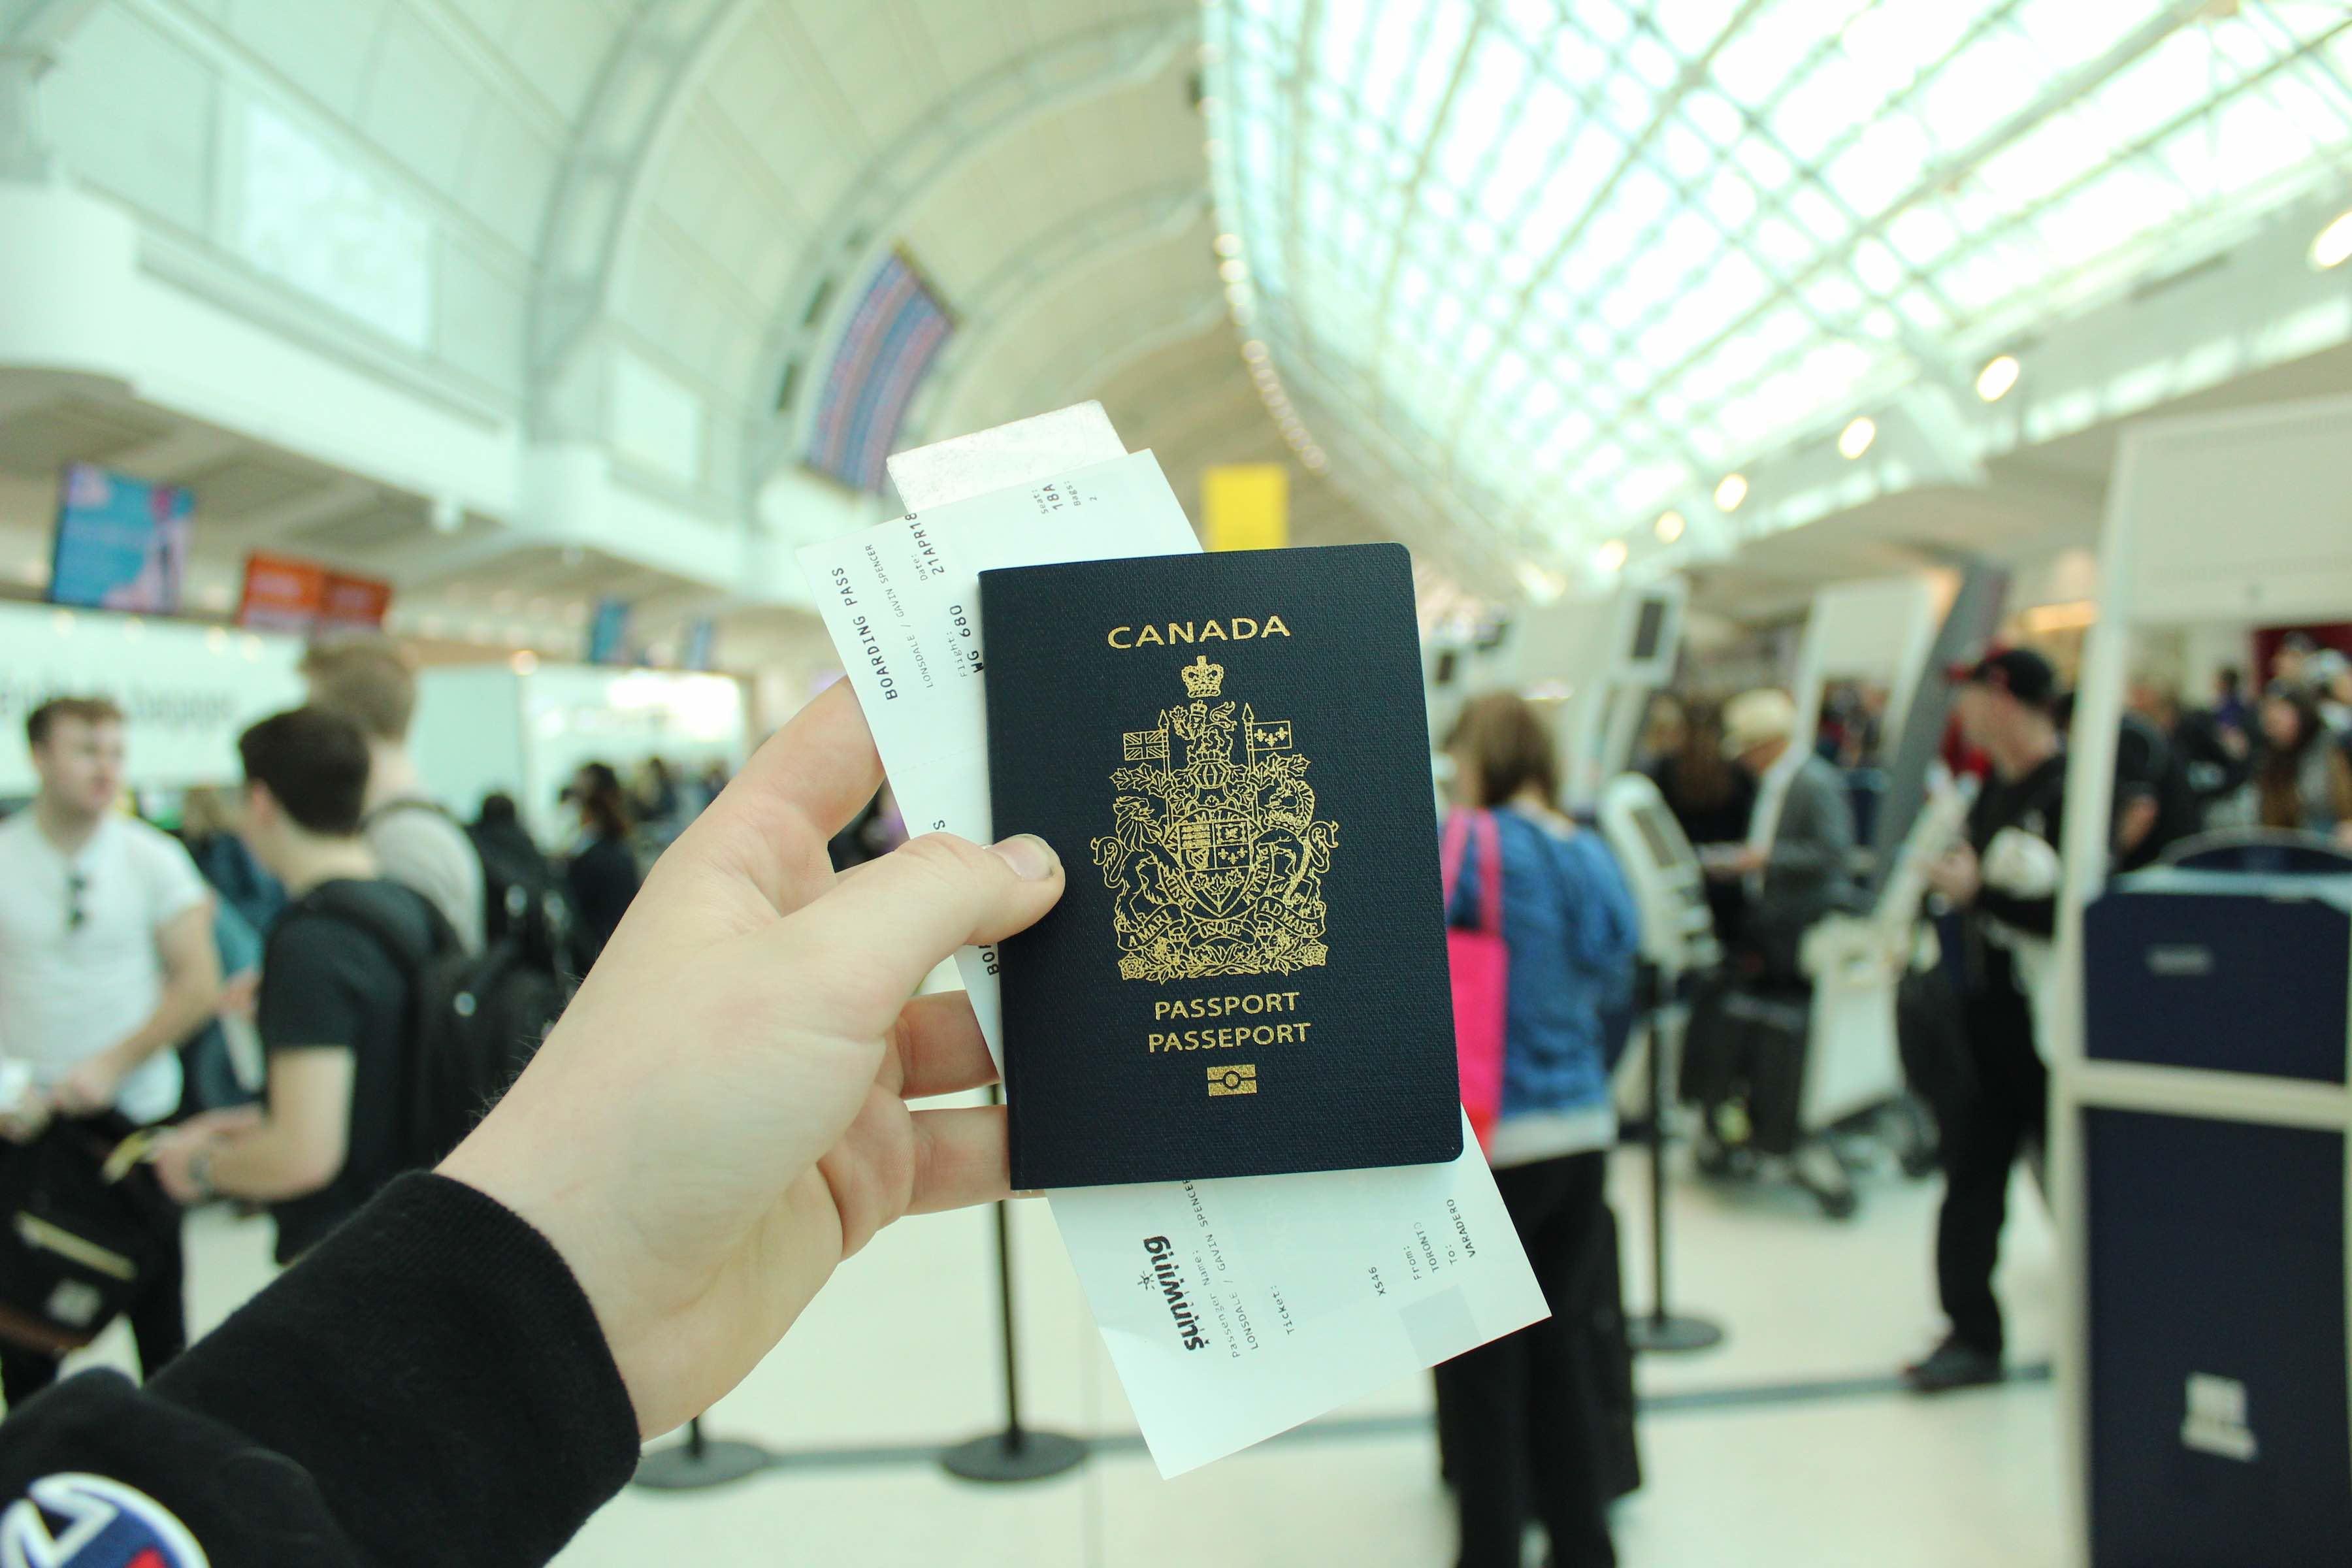 L1 Visa Updates for Canadians - MJ Law